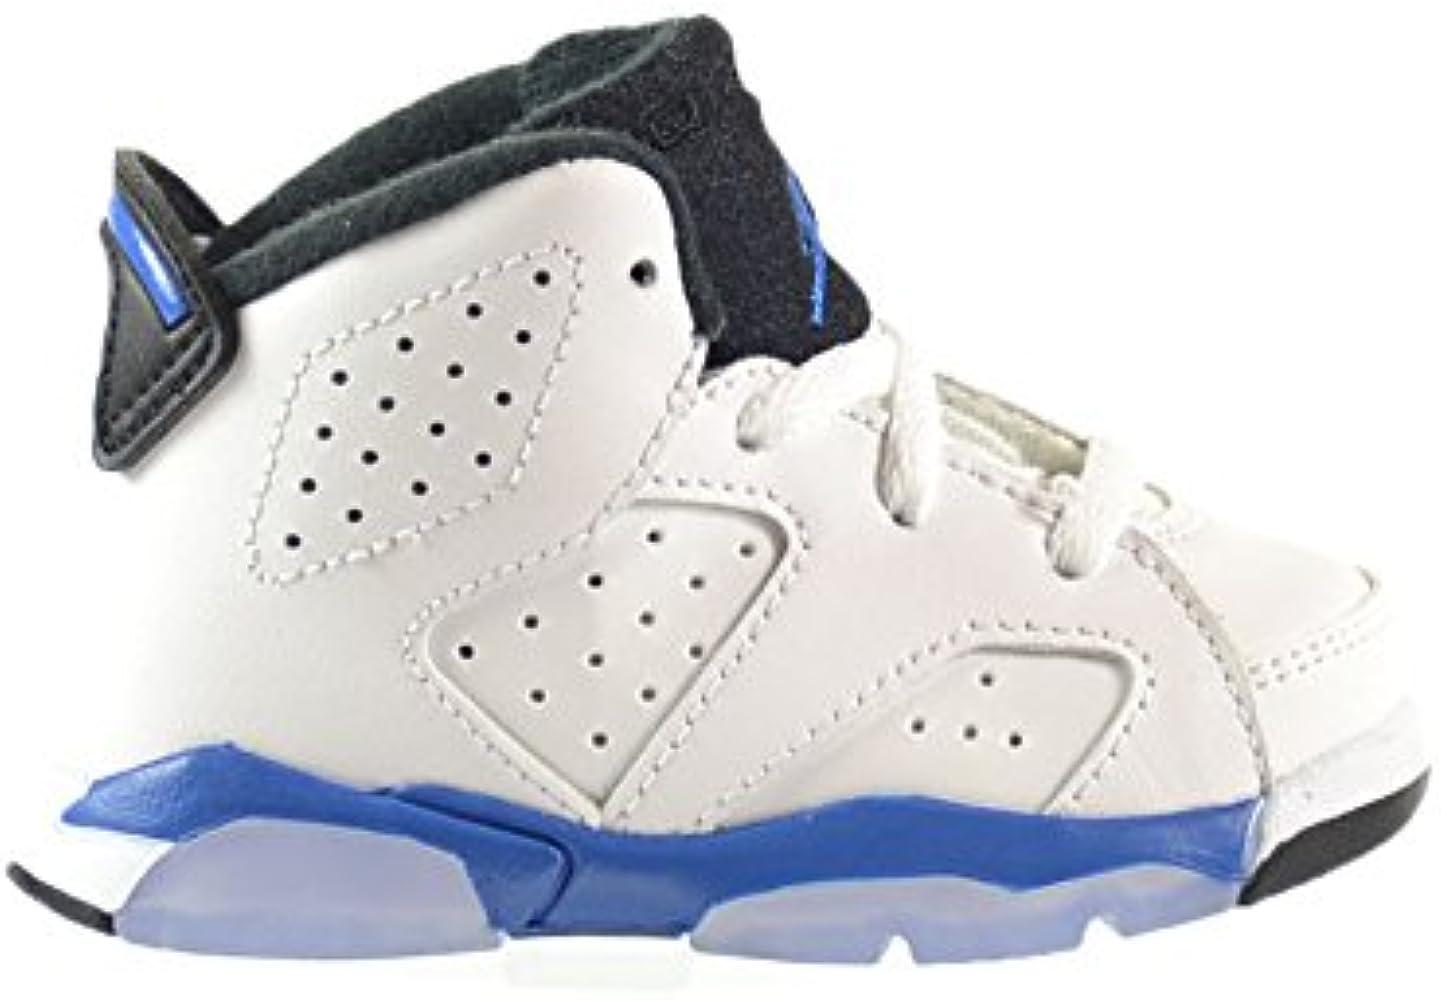 Jordan 6 Retro BT Baby Toddler Shoes